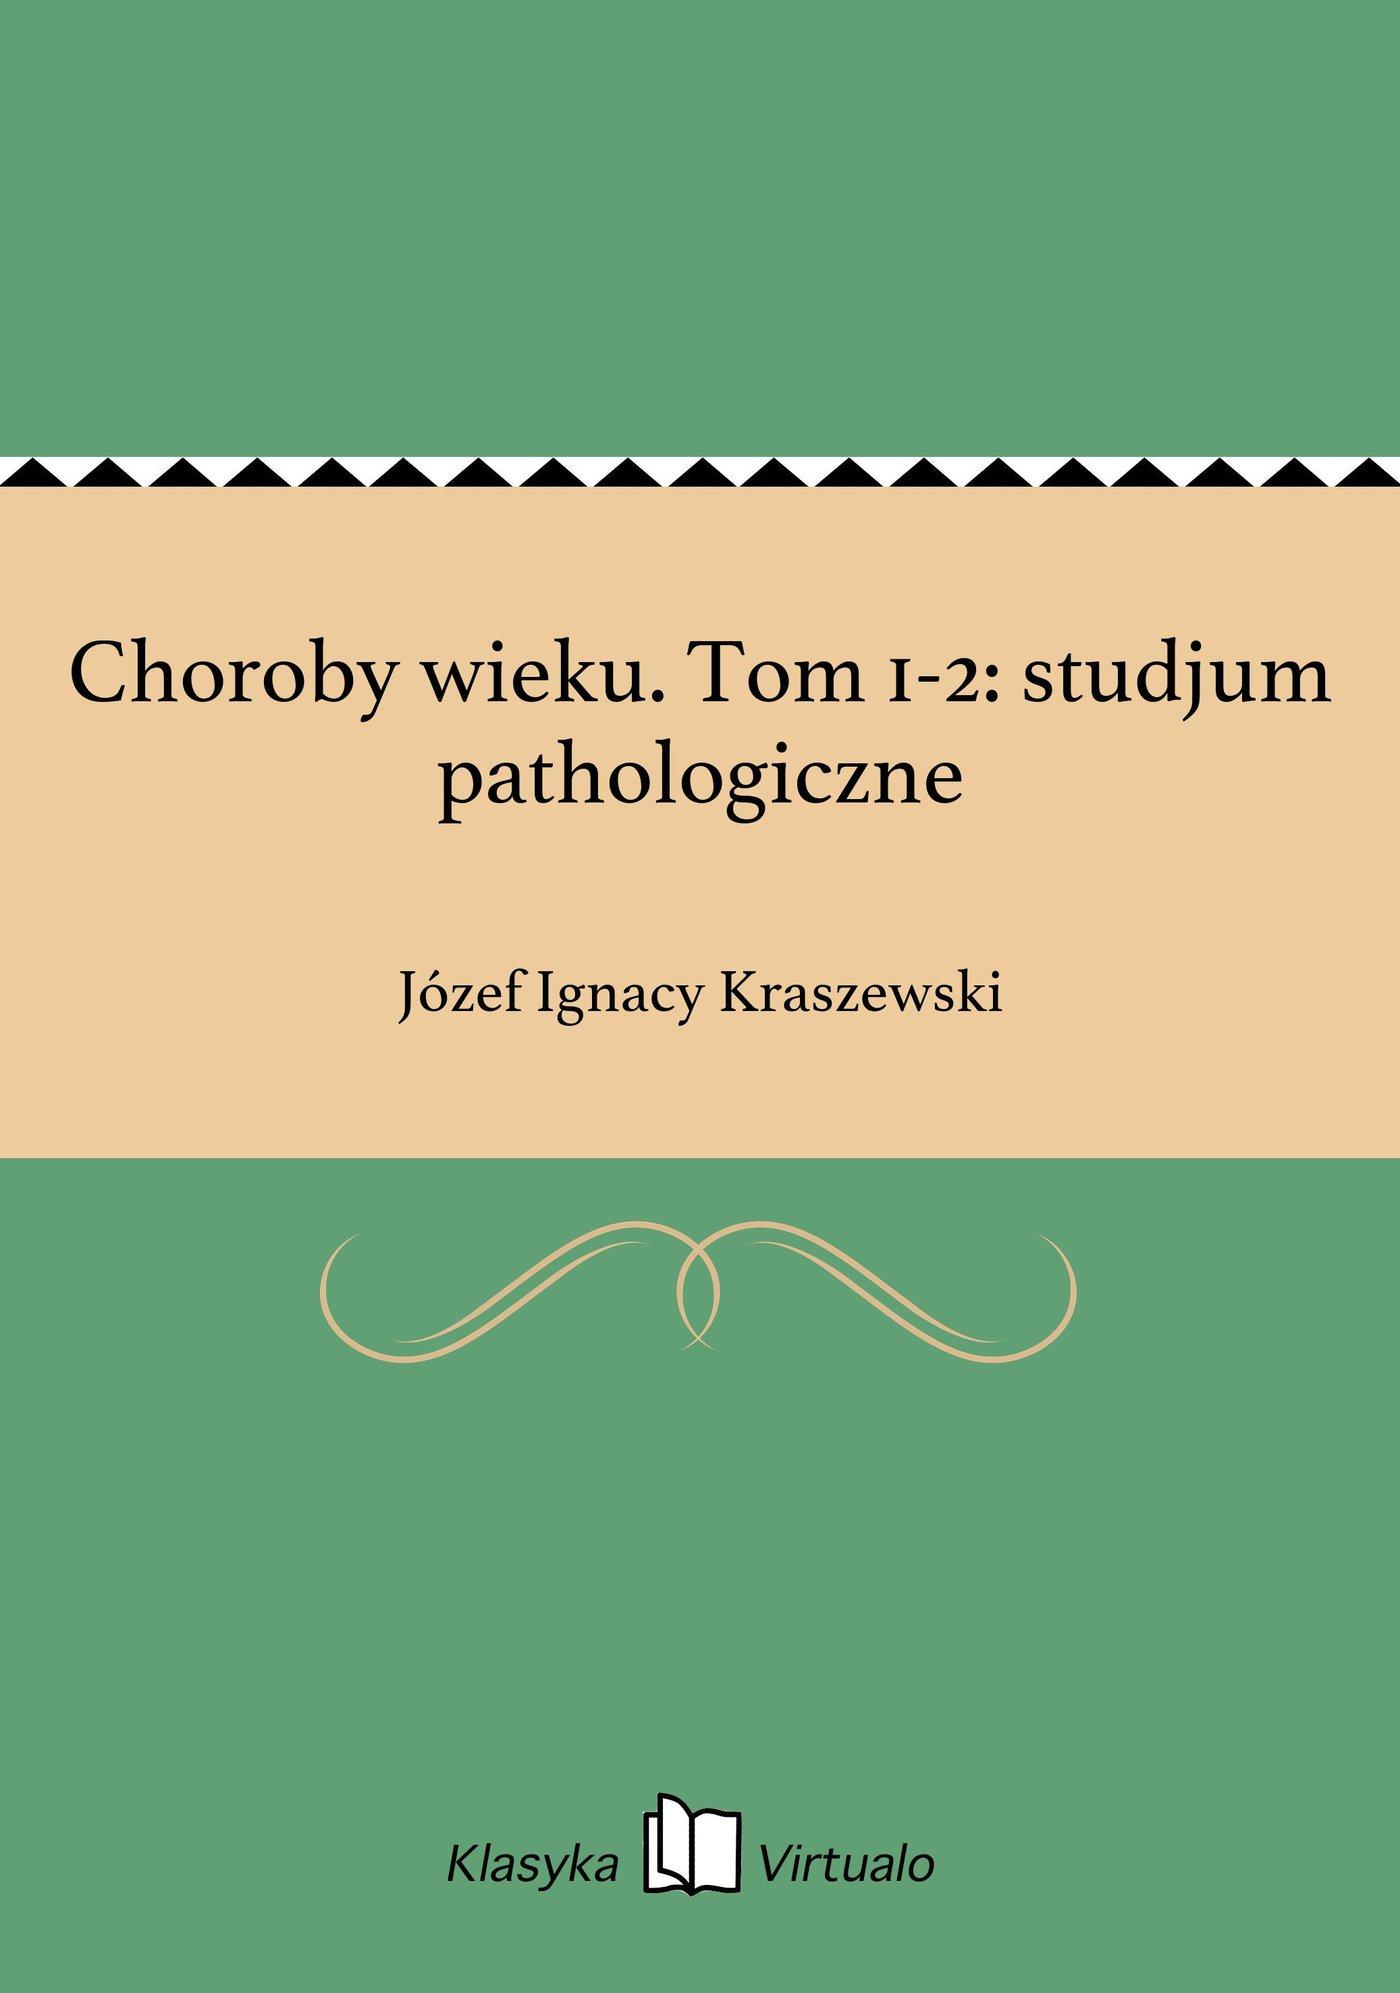 Choroby wieku. Tom 1-2: studjum pathologiczne - Ebook (Książka EPUB) do pobrania w formacie EPUB